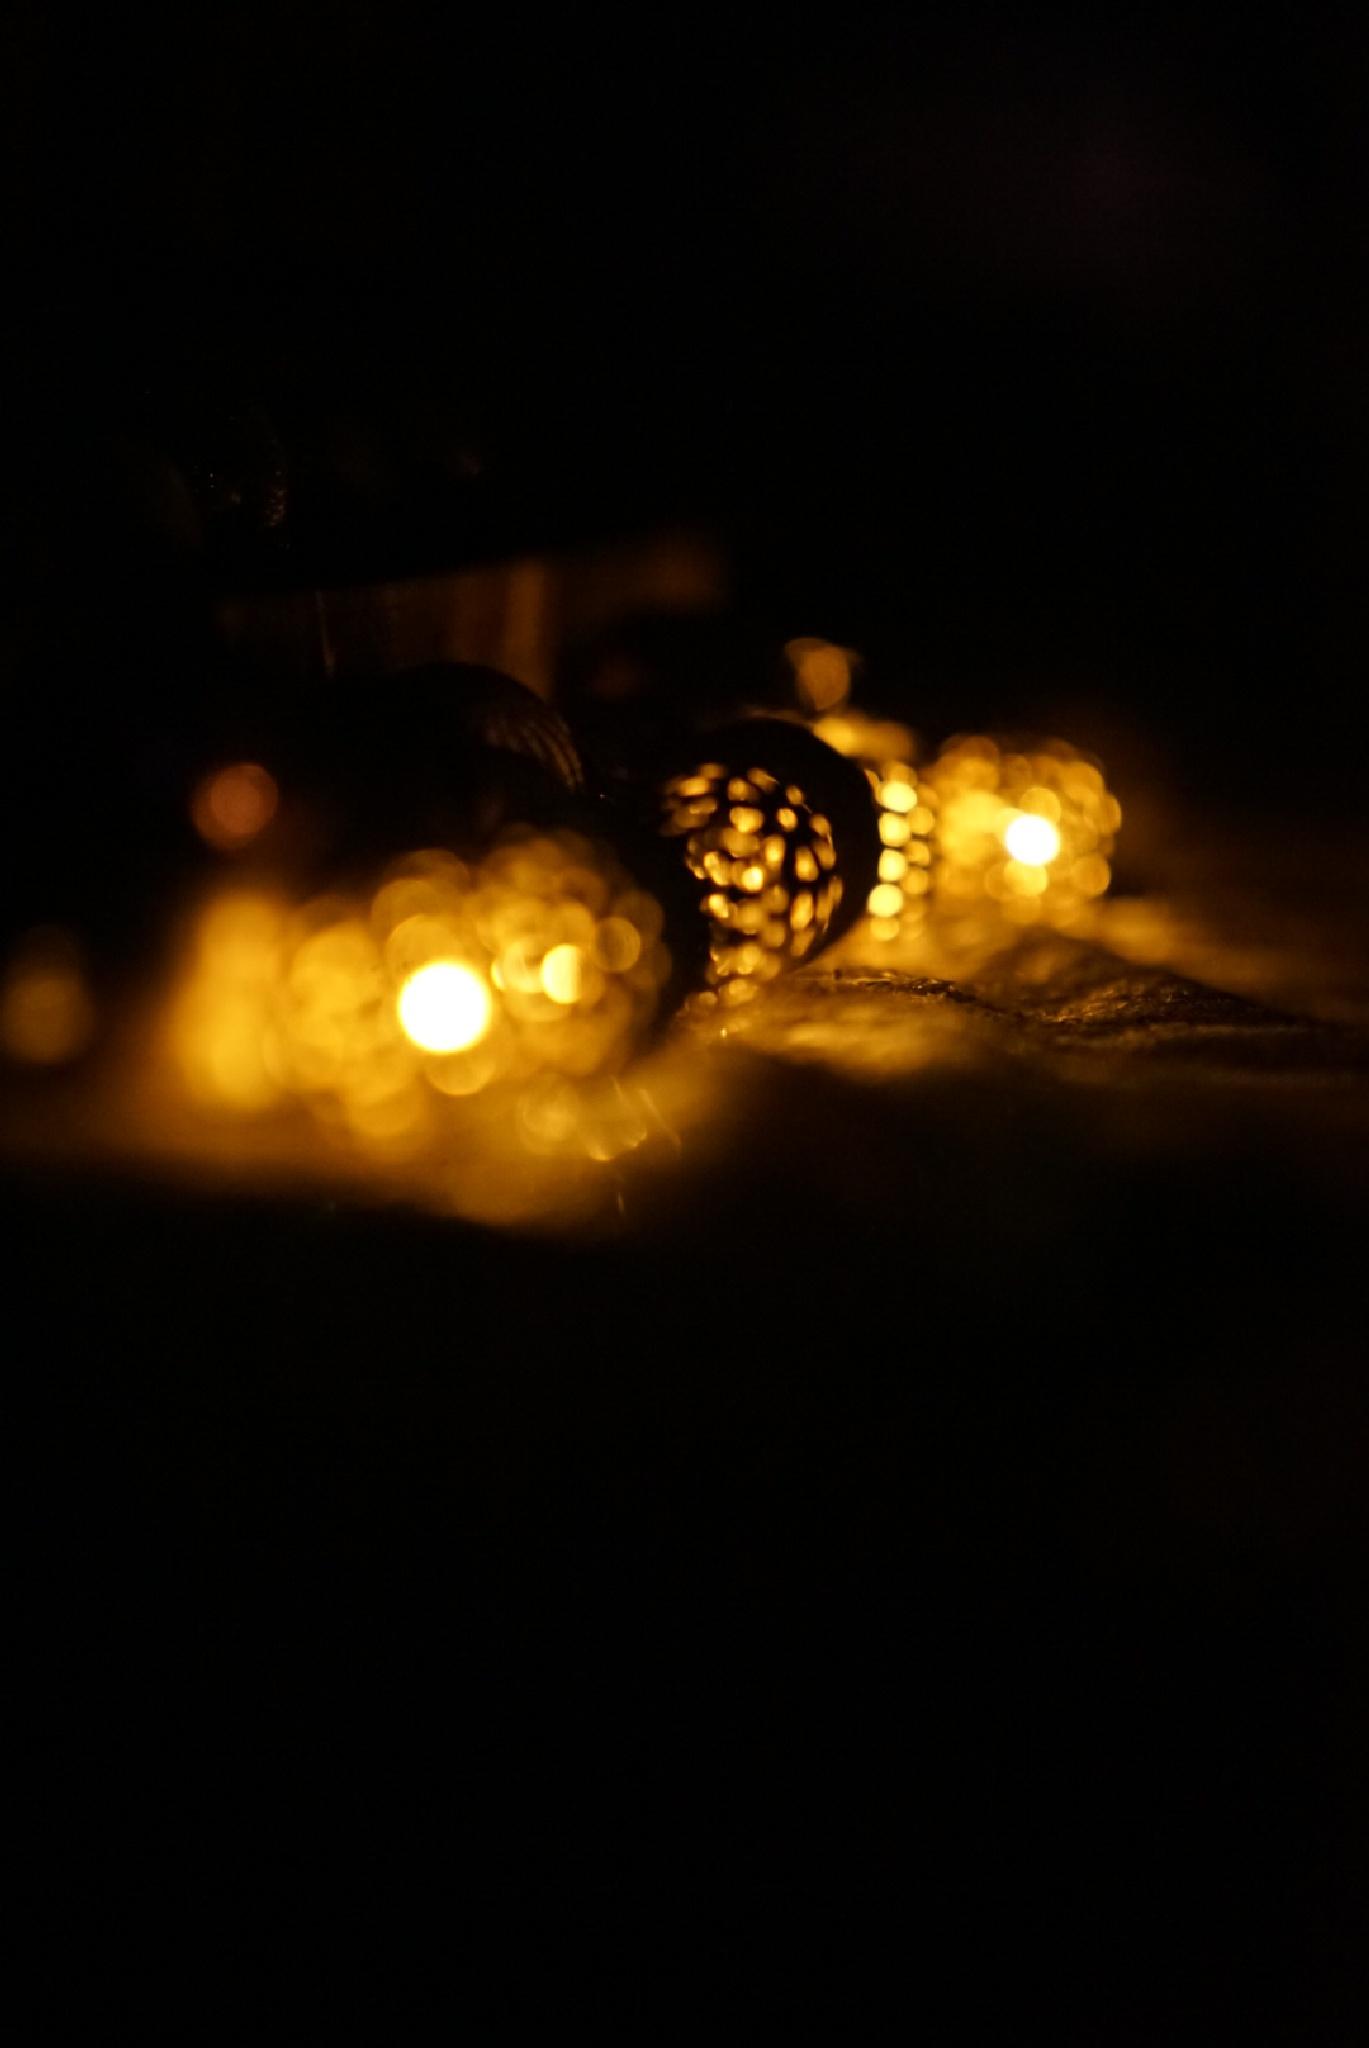 Lights by Basler Foto